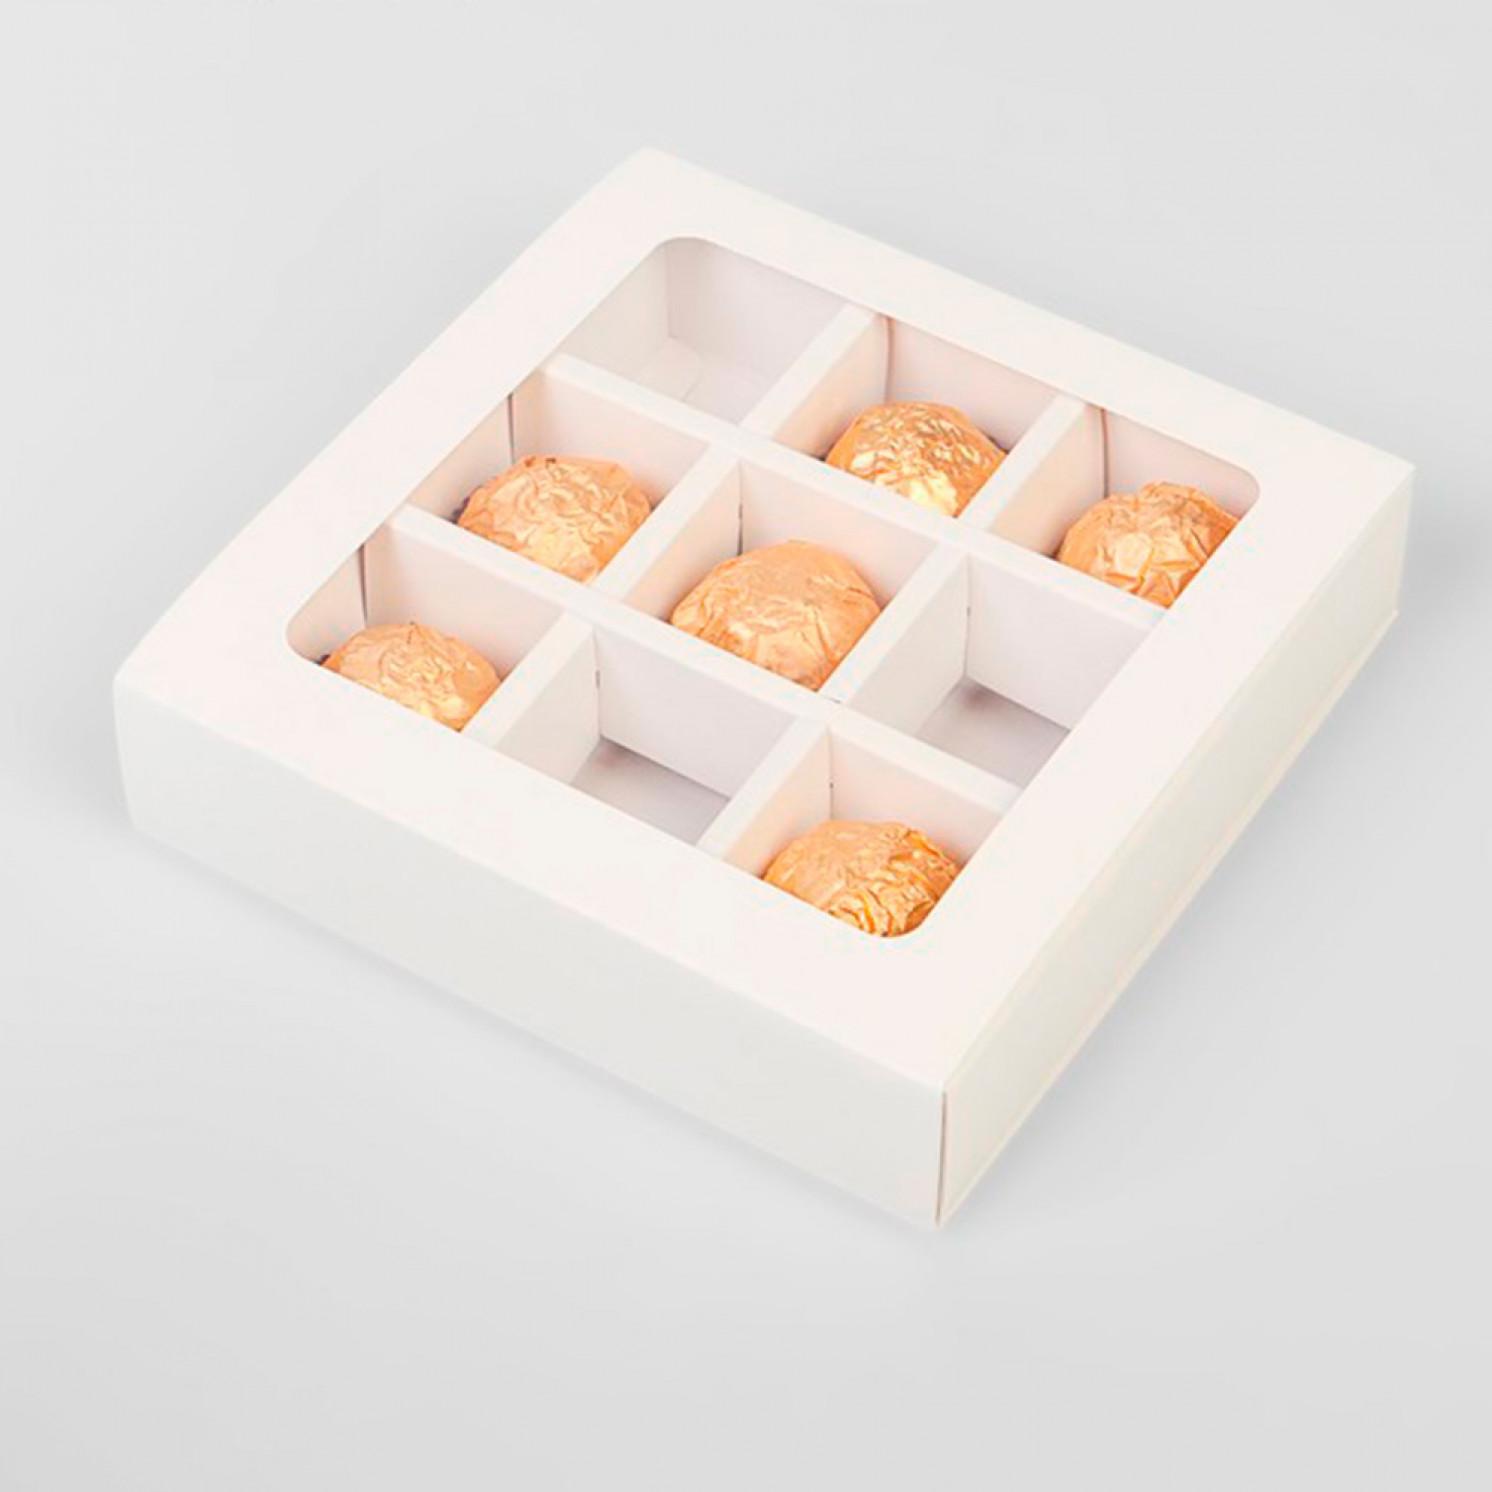 Упаковка для конфет 9 шт,14,5 х 14,5 х 3,5 см, белый